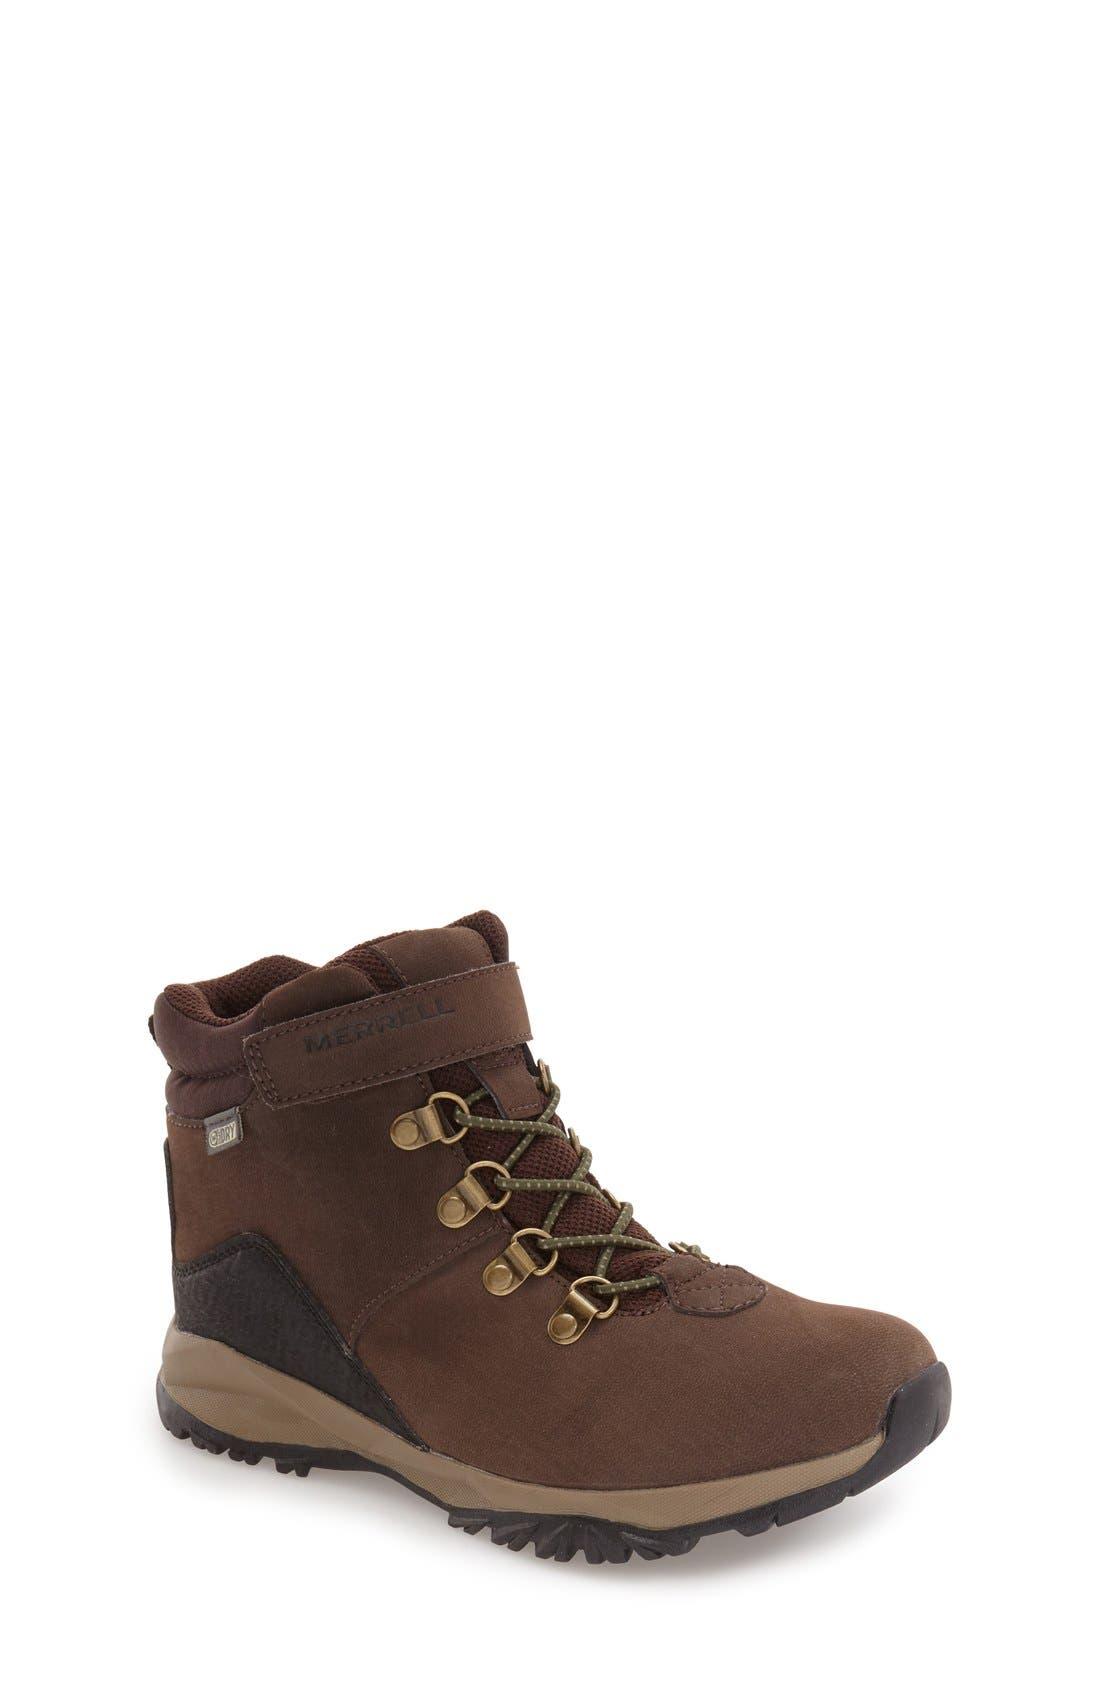 MERRELL Alpine Waterproof Boot